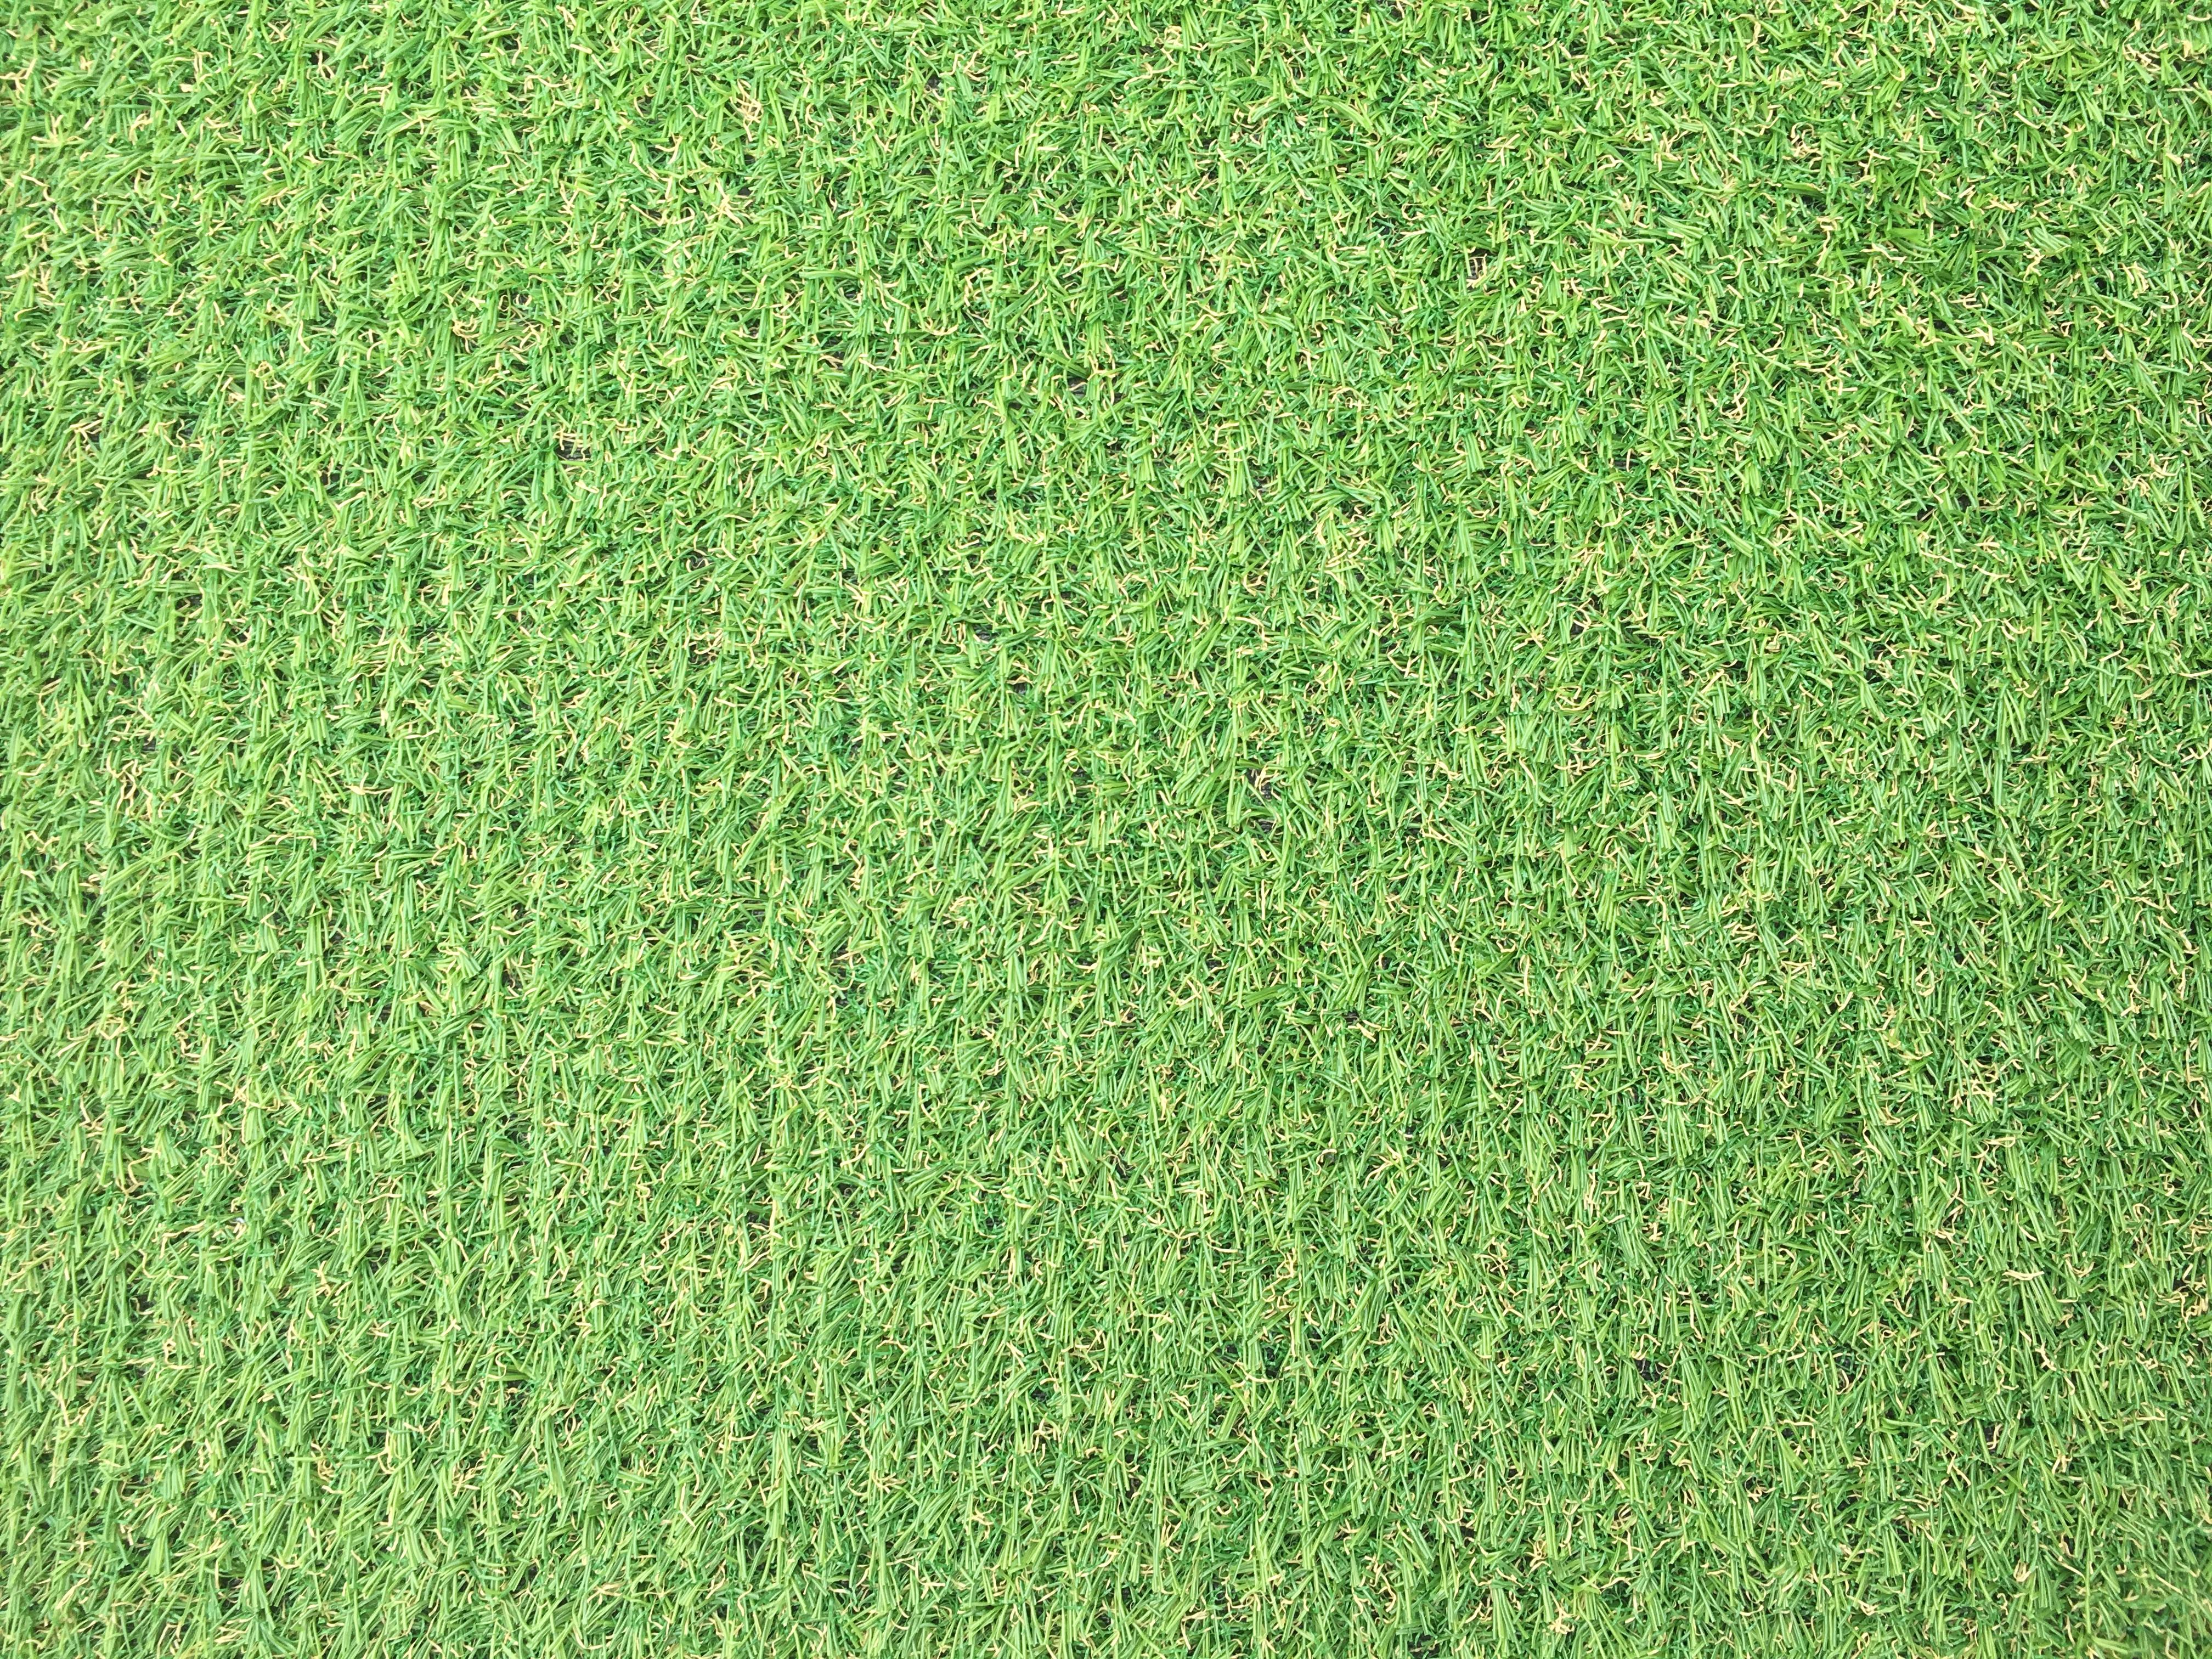 Covor Iarba Artificiala, Tip Gazon, Verde, Natura, 100% Polipropilena, 10 mm, 300x400 cm3